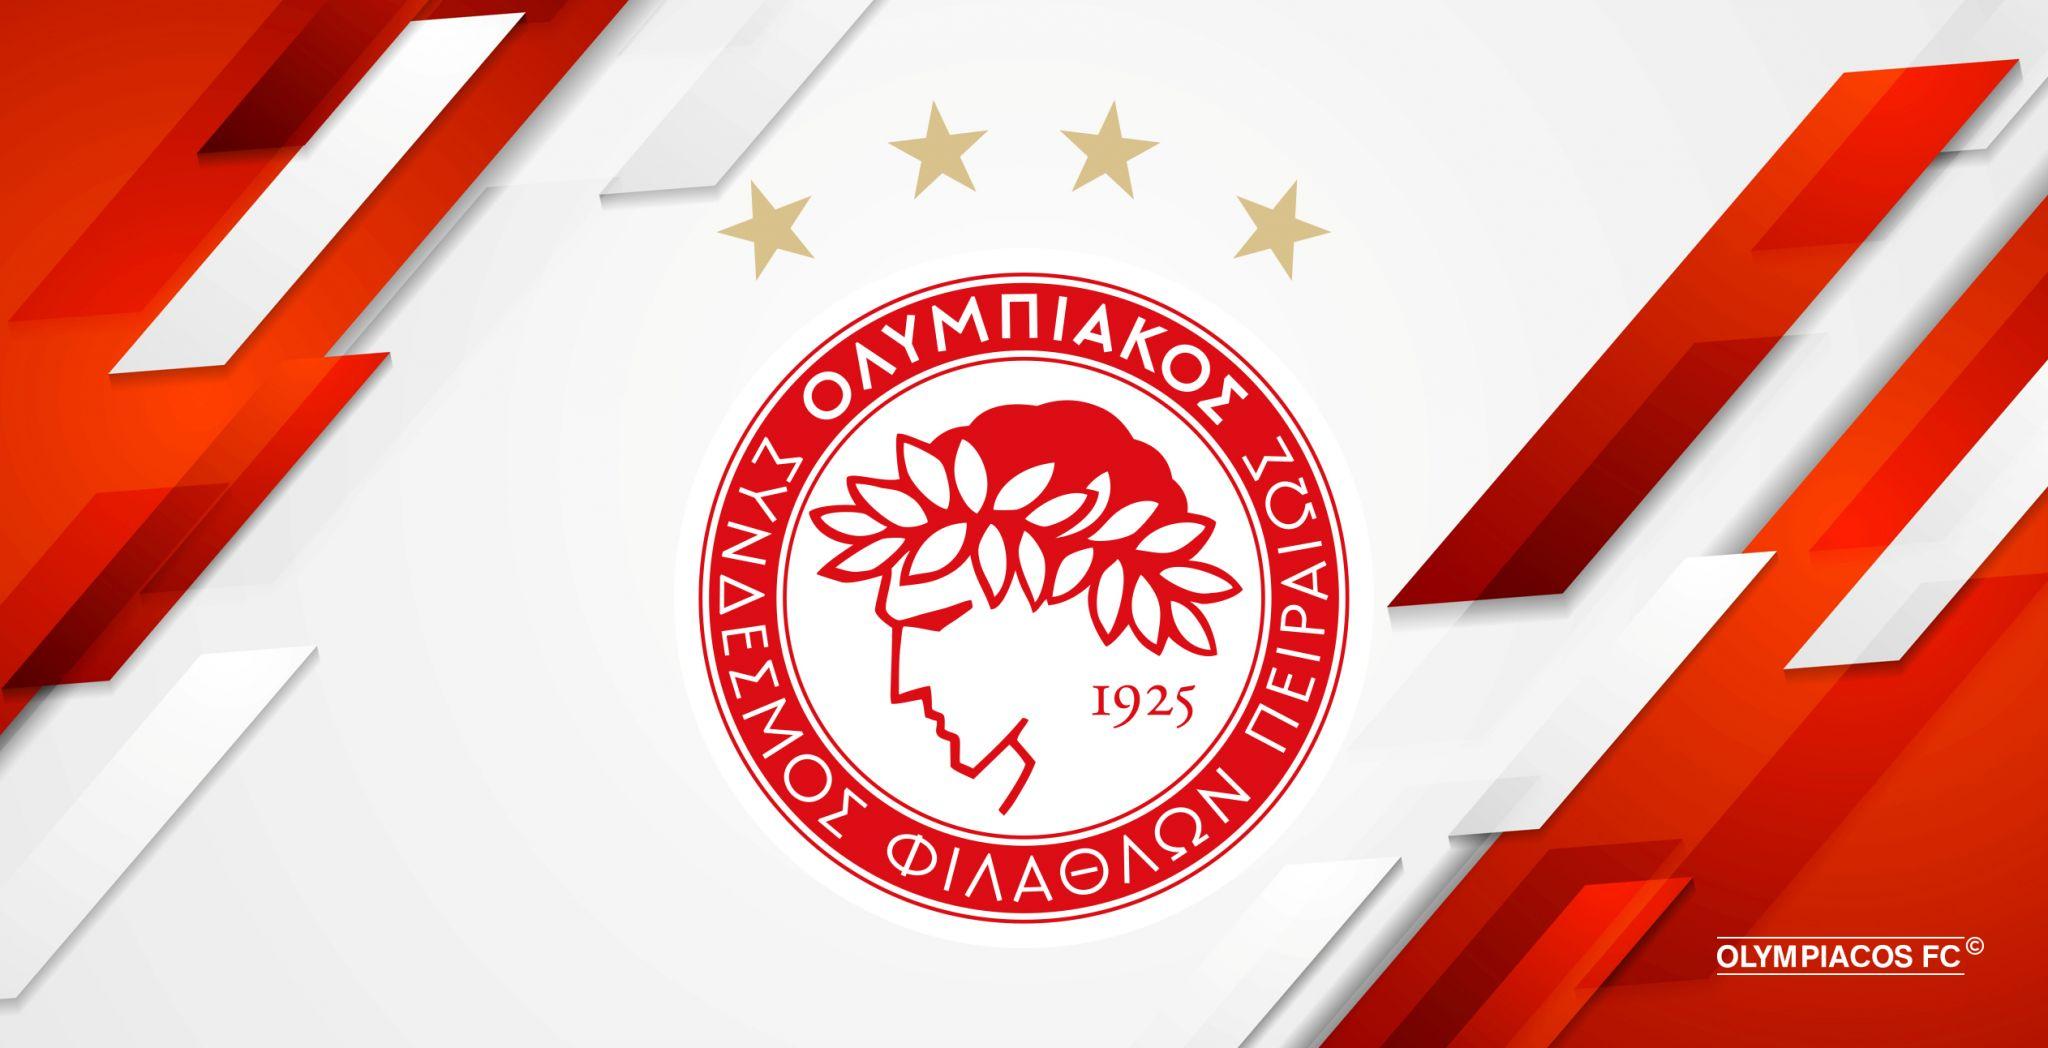 Δείτε LIVE την φιέστα του Ολυμπιακού !!!